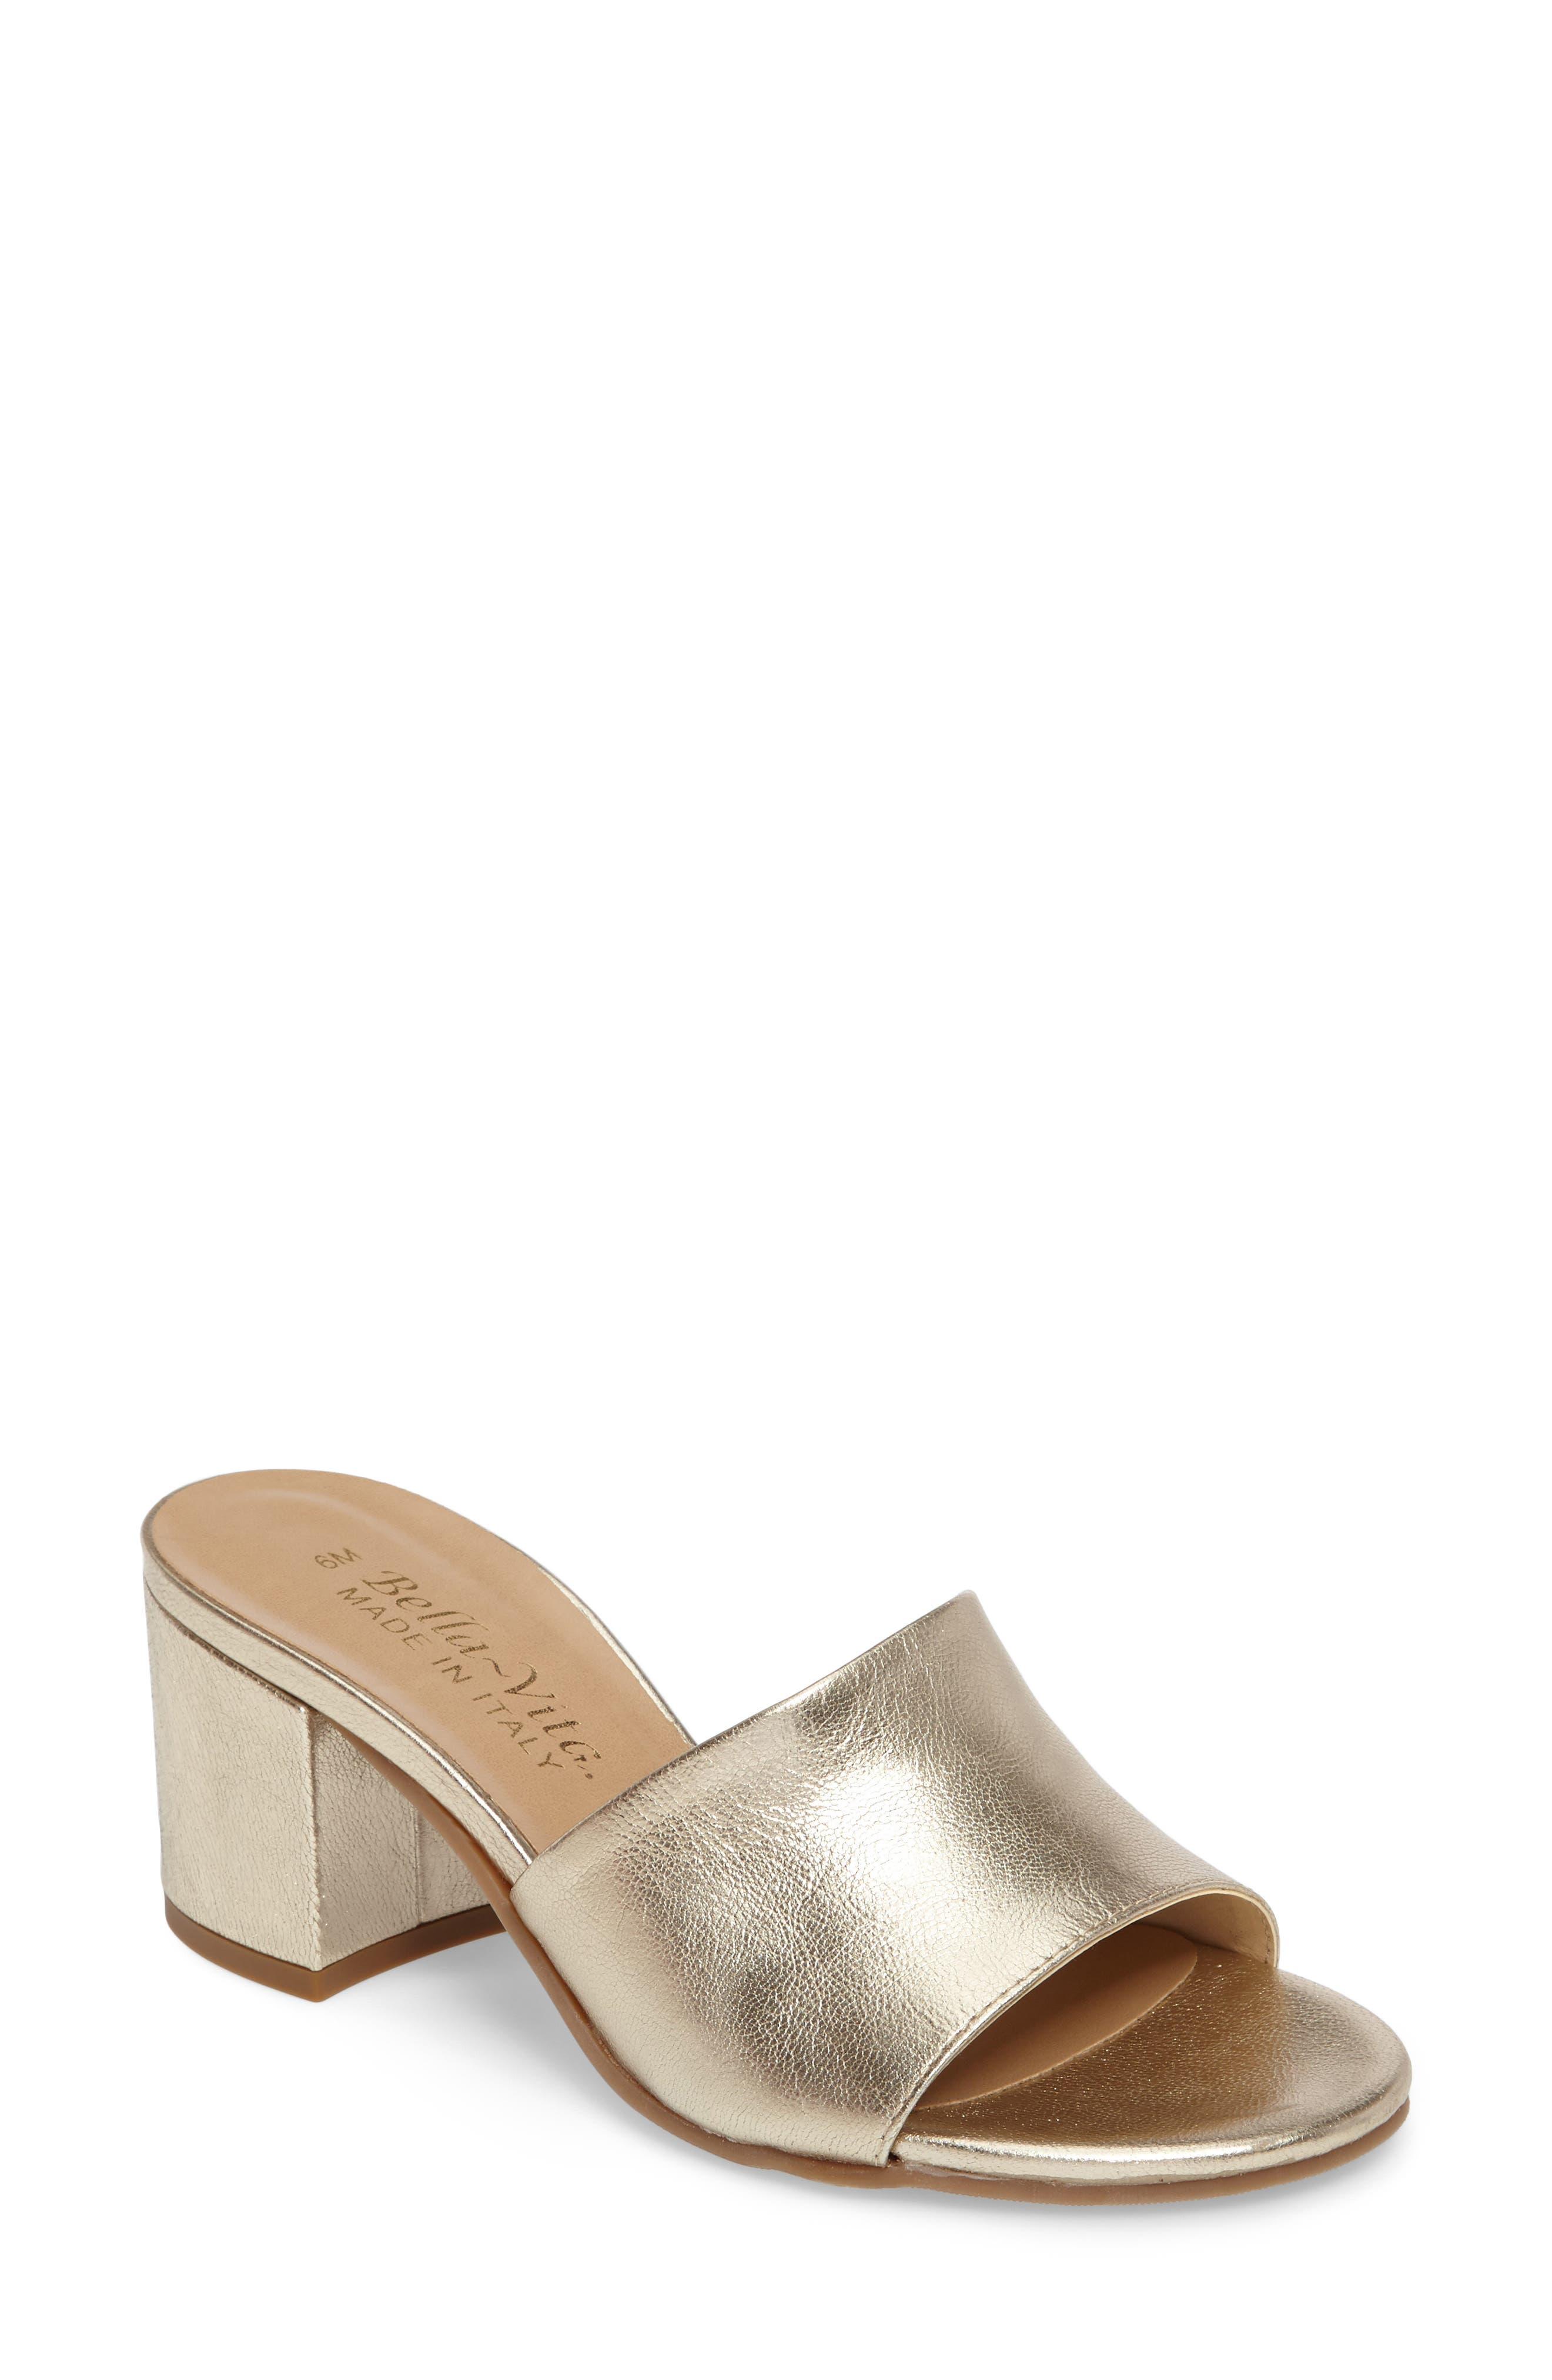 Mel Slide Sandal,                         Main,                         color, Gold Leather